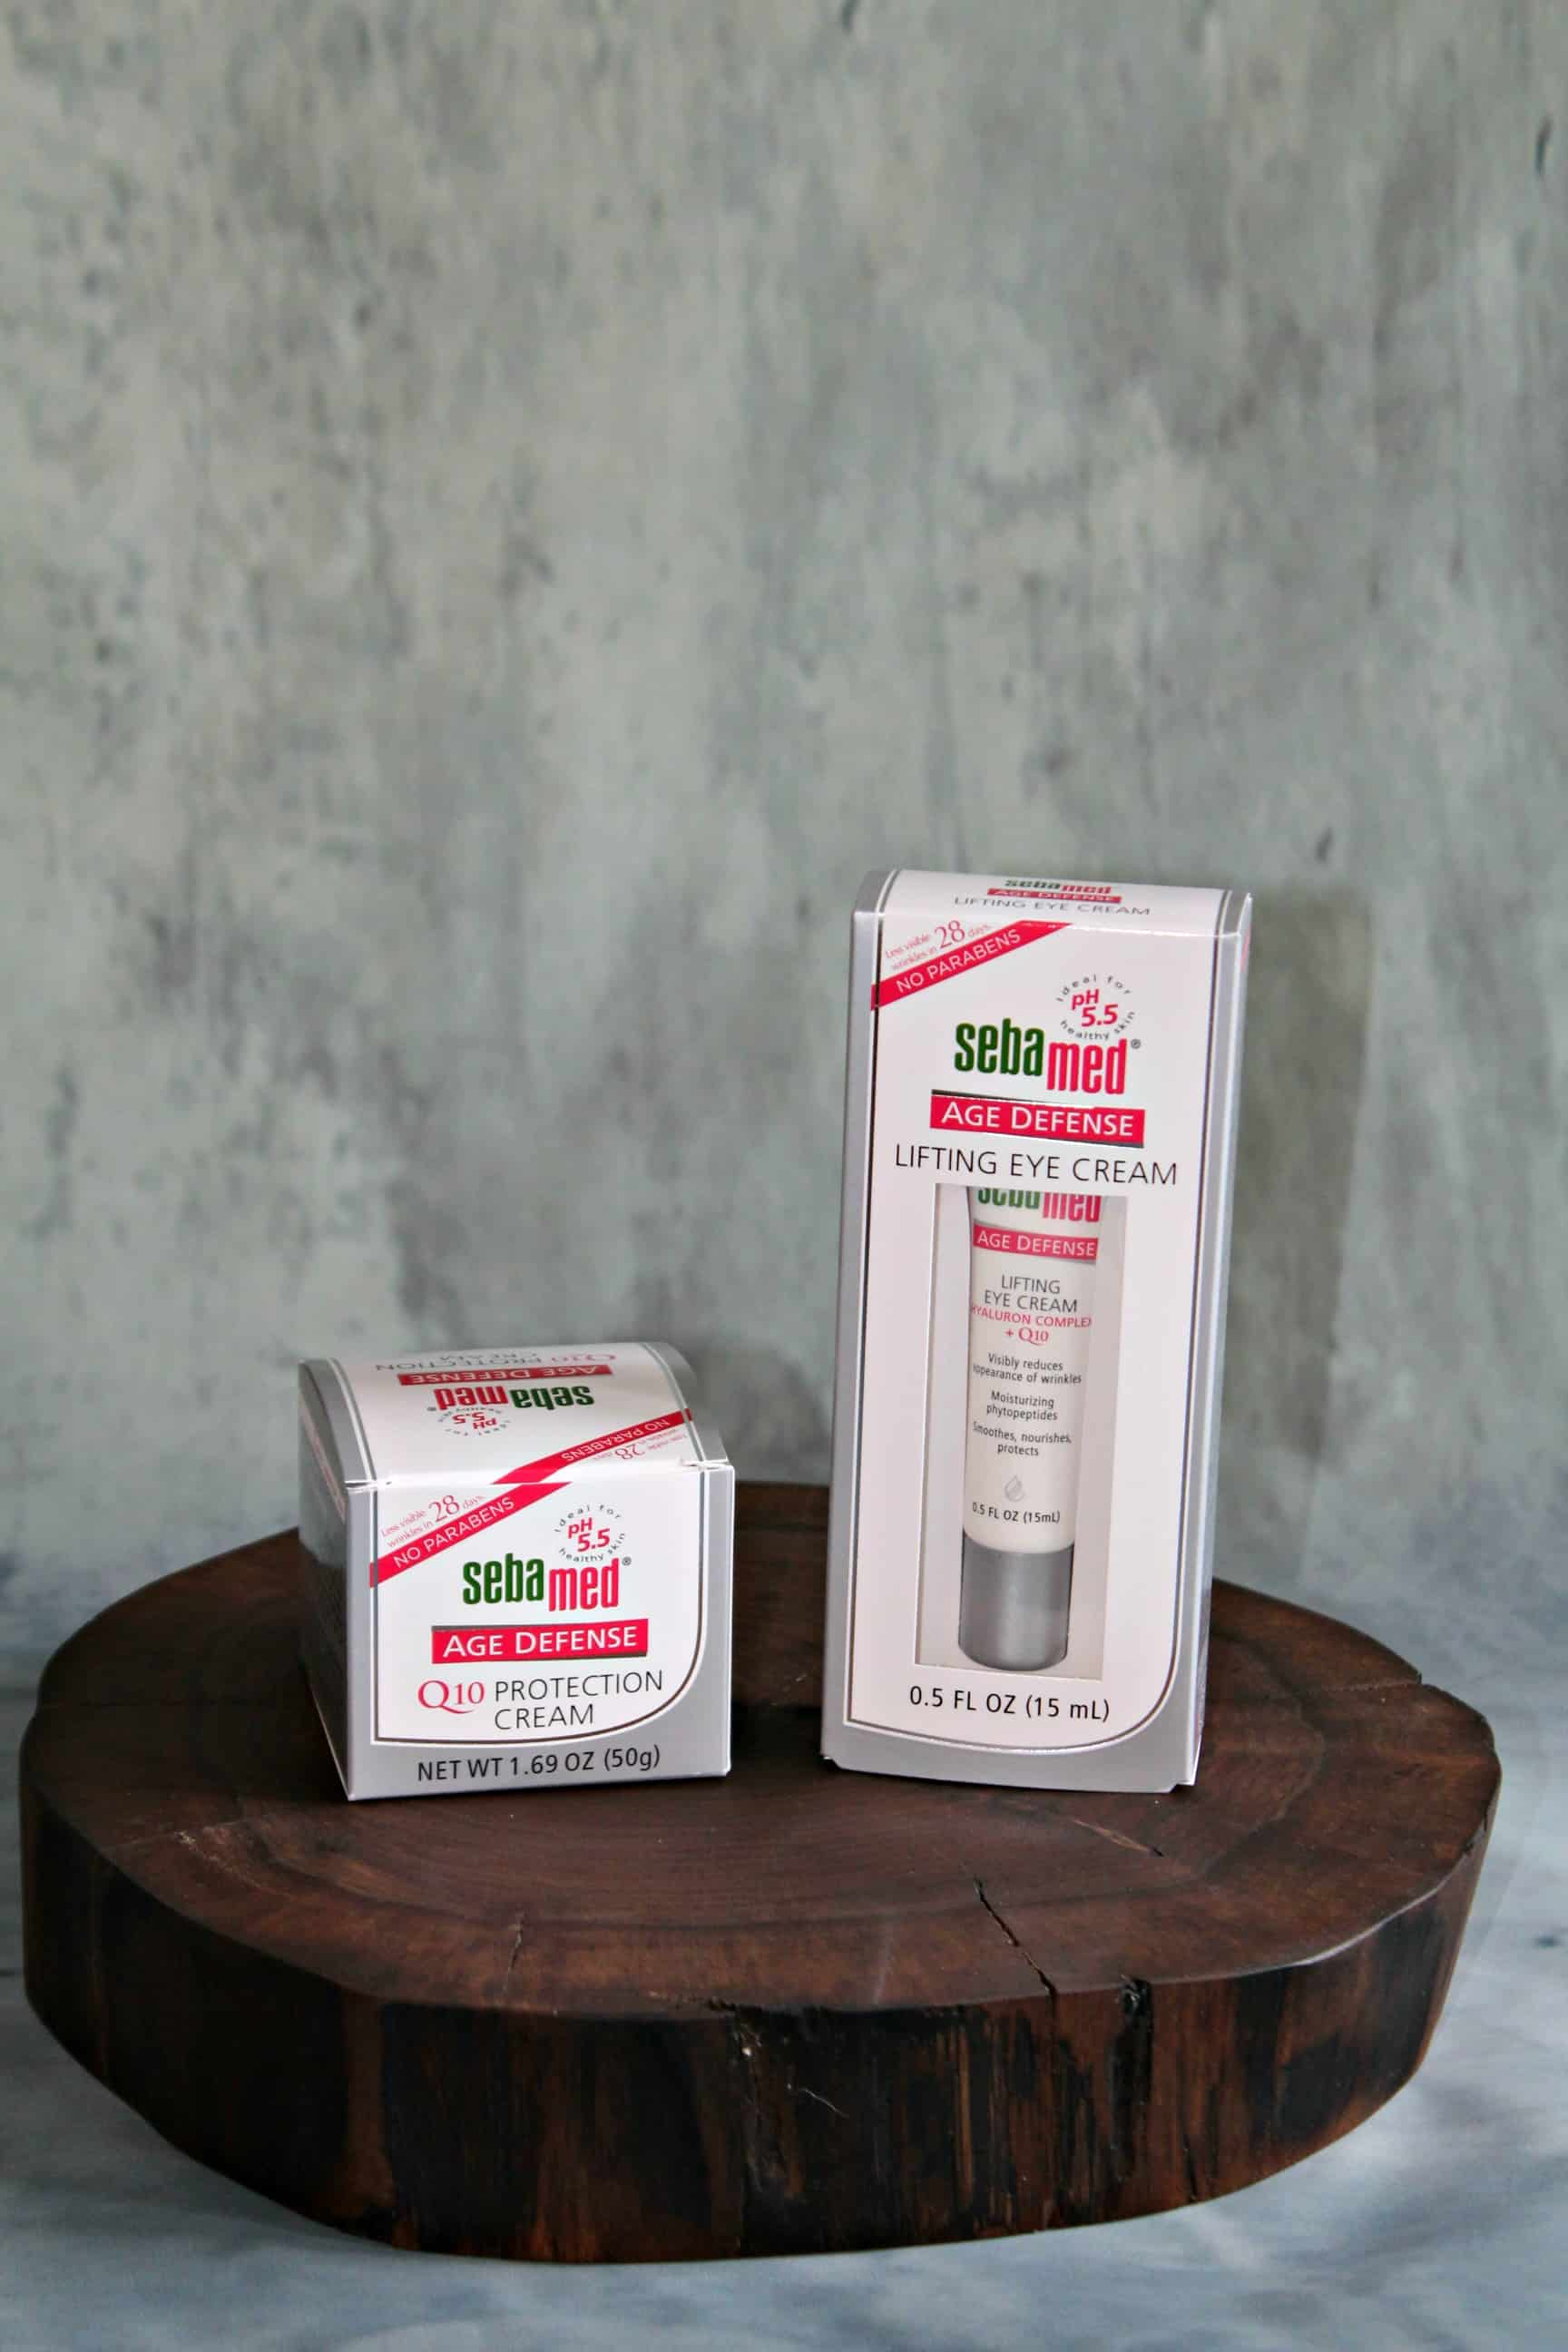 Seba-Med for age fighting skincare